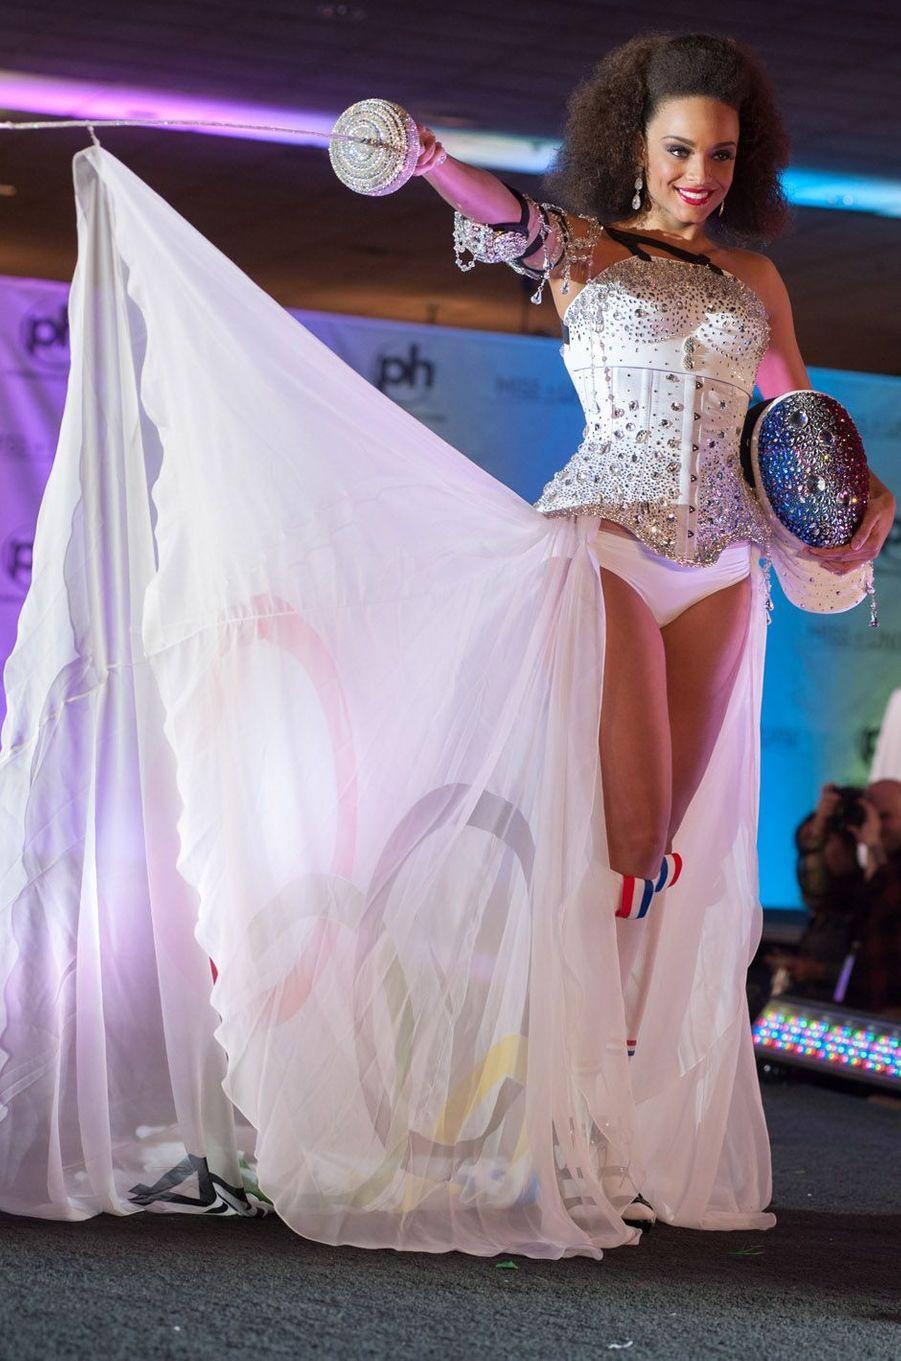 Alicia Aylies pour le concours Miss Univers, le 18 novembre 2017 à Las Vegas.